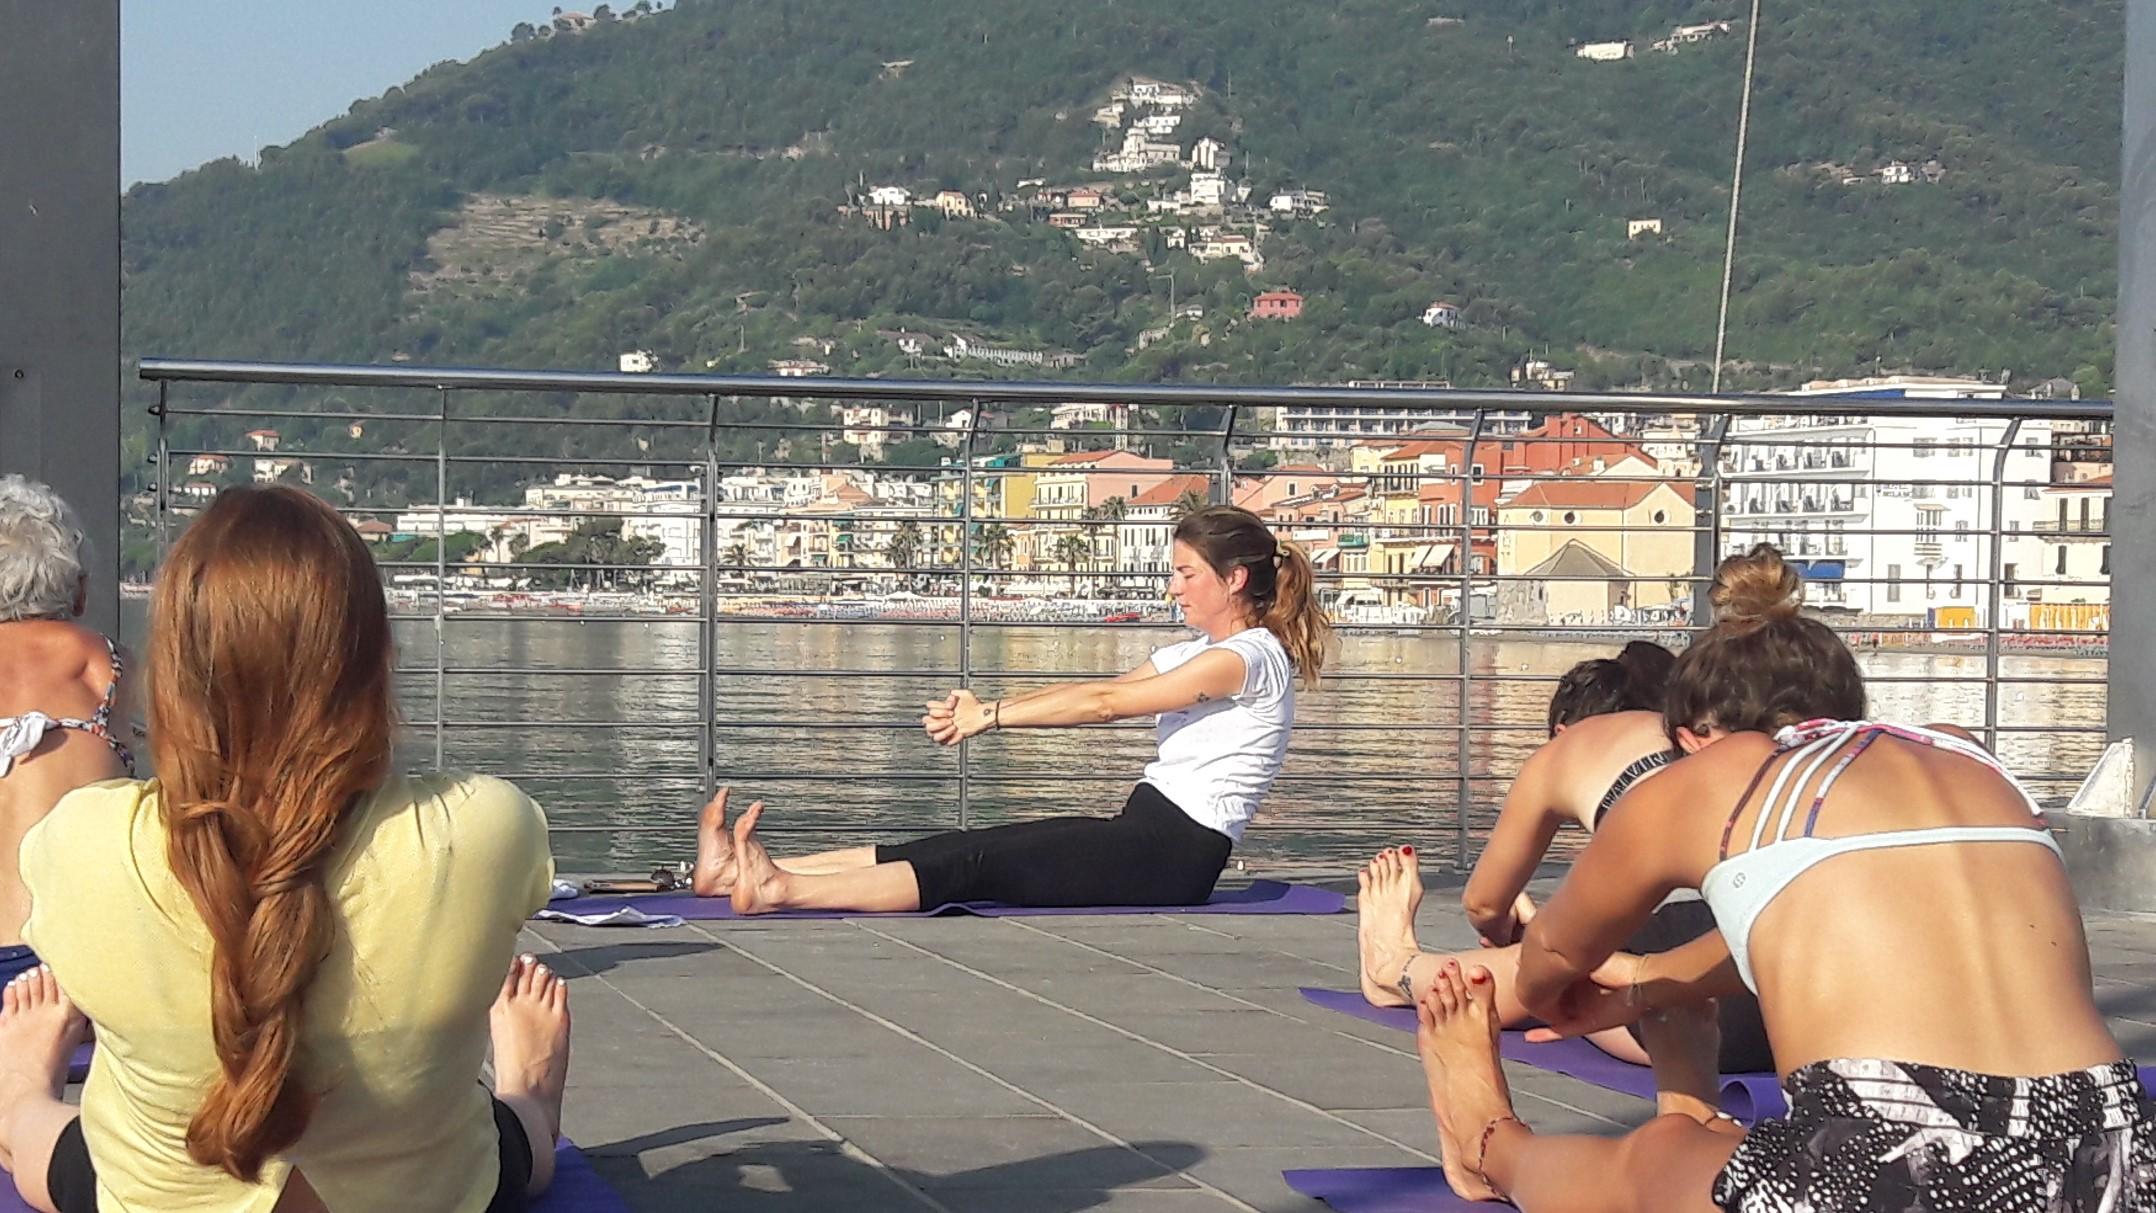 1_essere-free-yoga-gratuito-benessere-per-tutti-village-citta-alassio-estate-lucia-ragazzi-summer-town-wellness-010